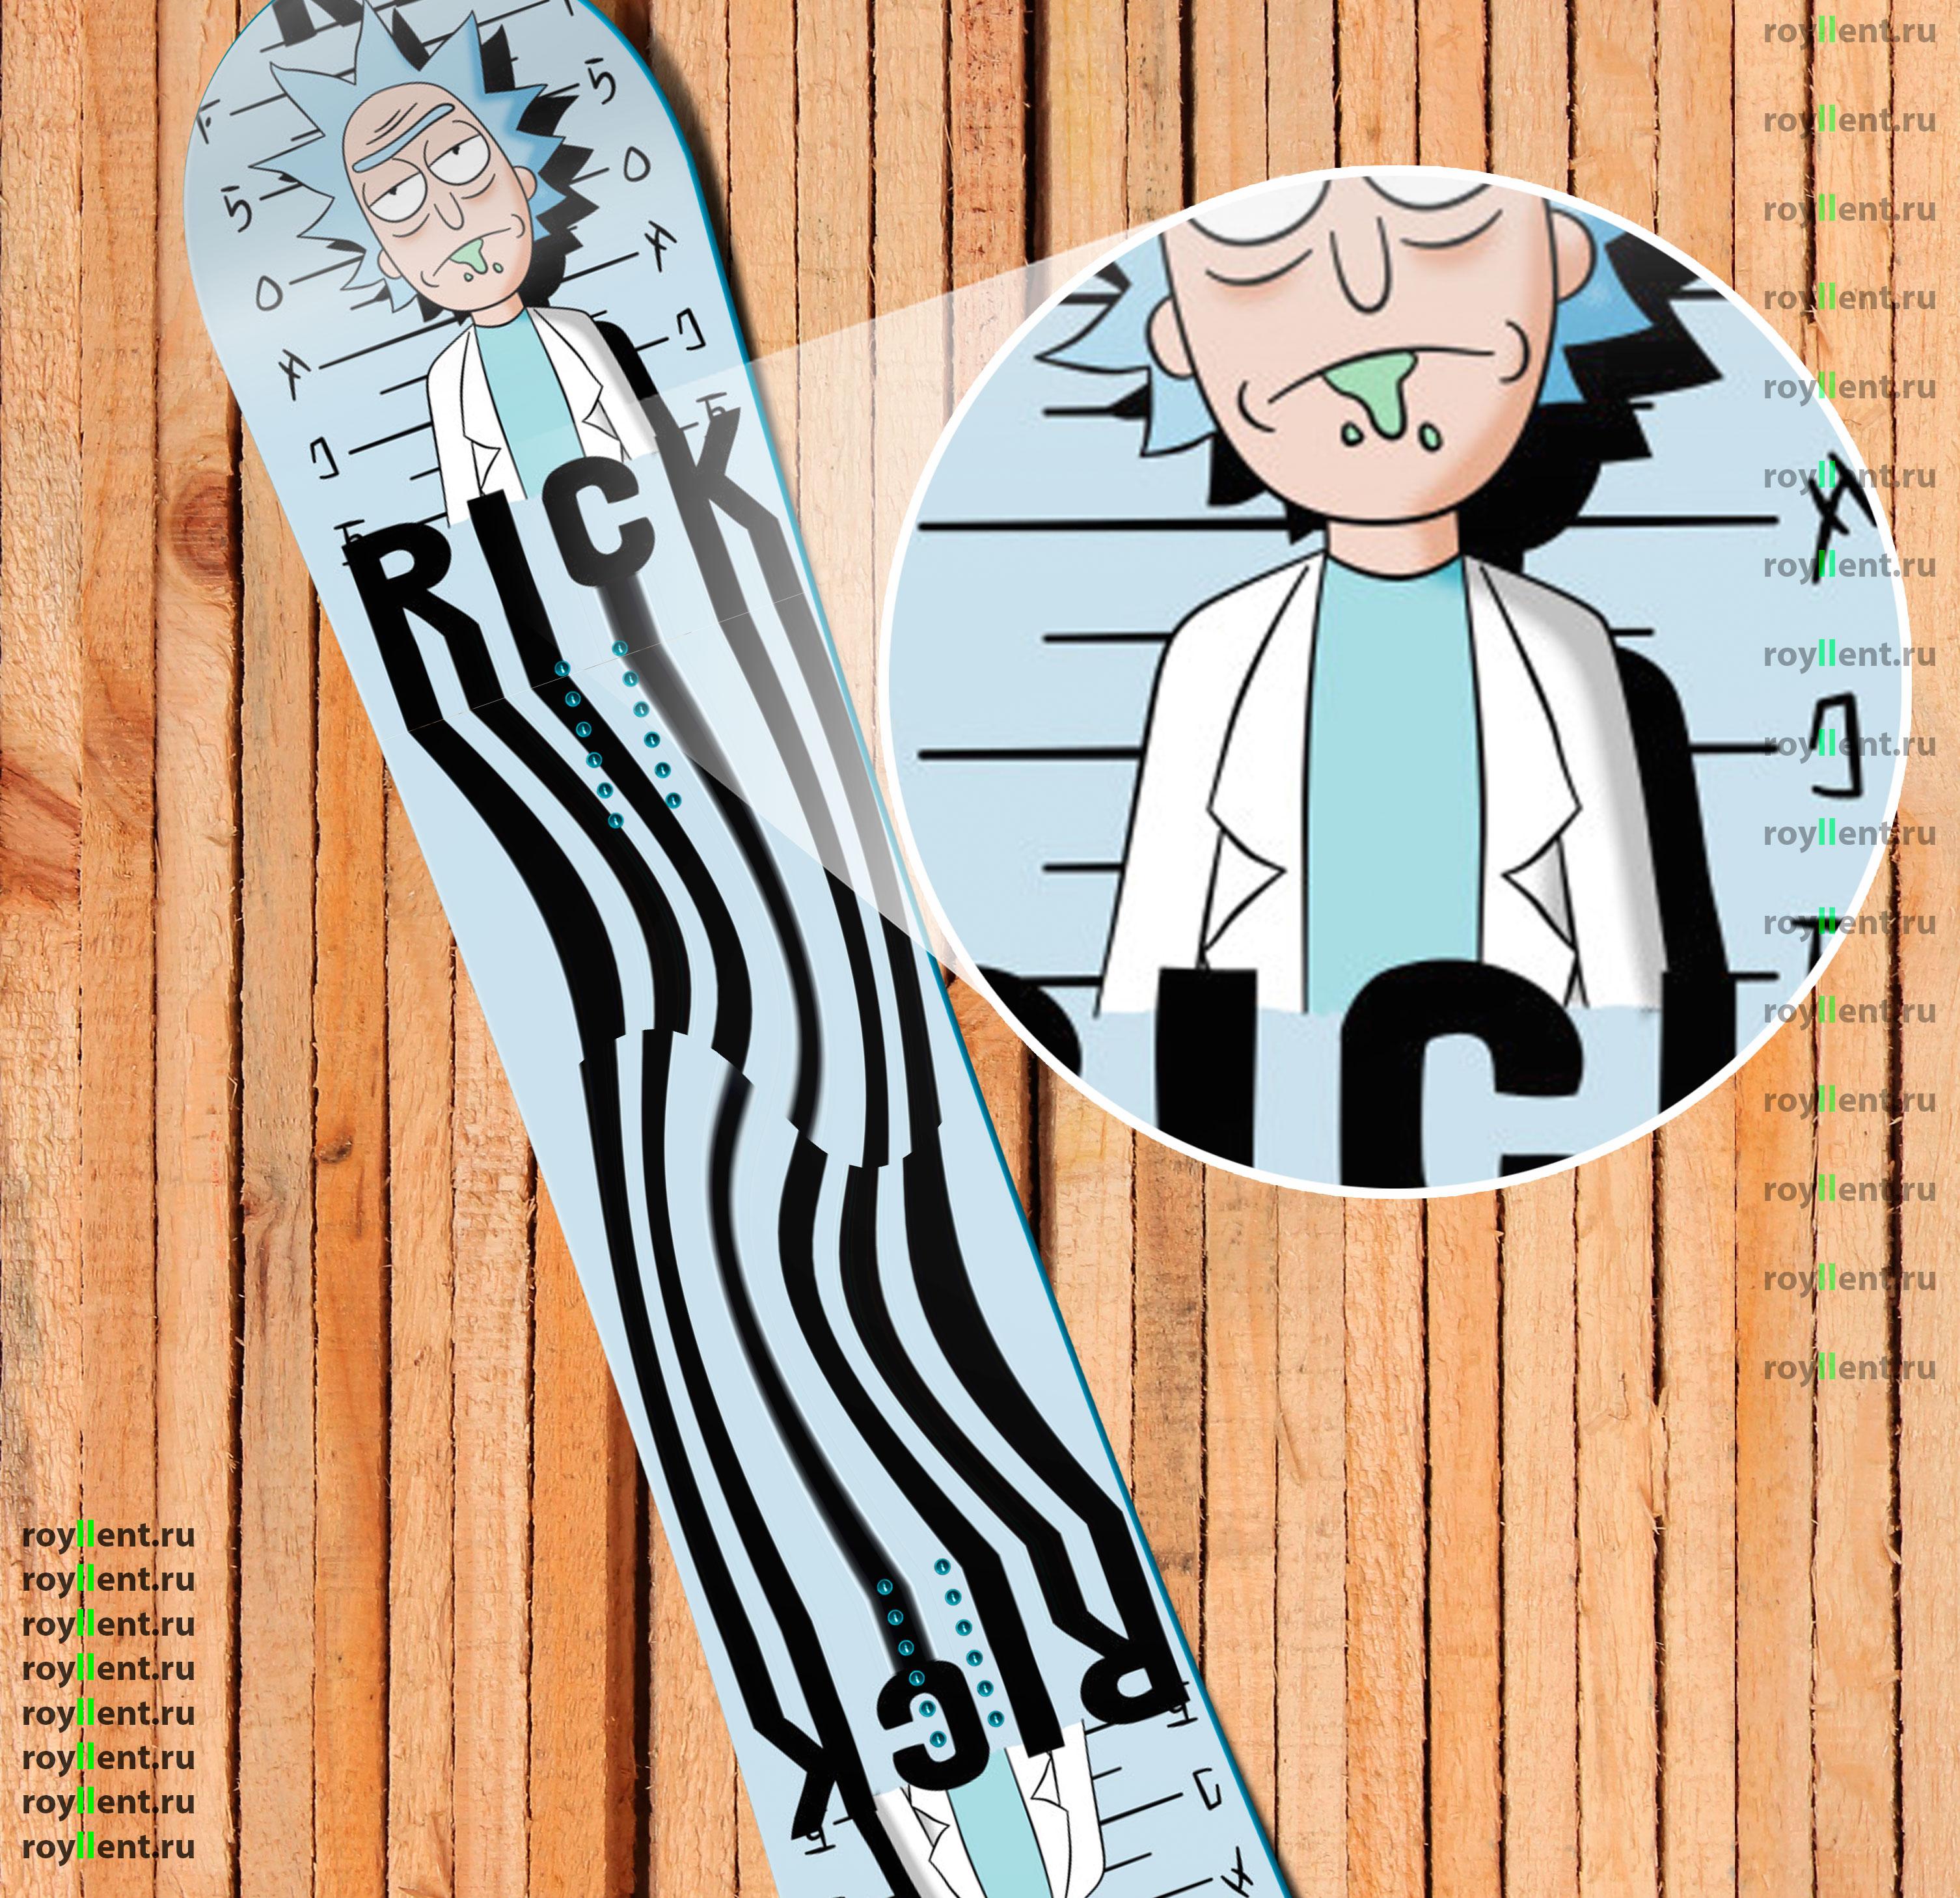 Rick and Morty Police Дизайн наклейки на сноуборд купить в интернет магазине недорого